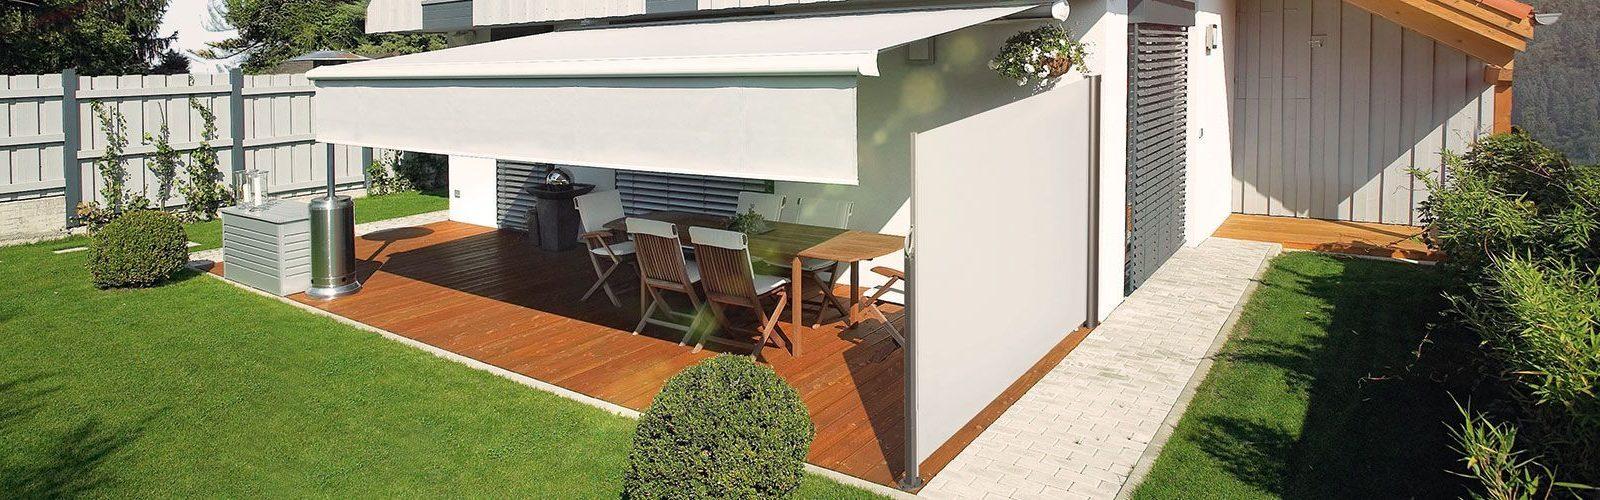 Seitenmarkise Terrasse Als Sicht Windschutz Gebr Wiedey